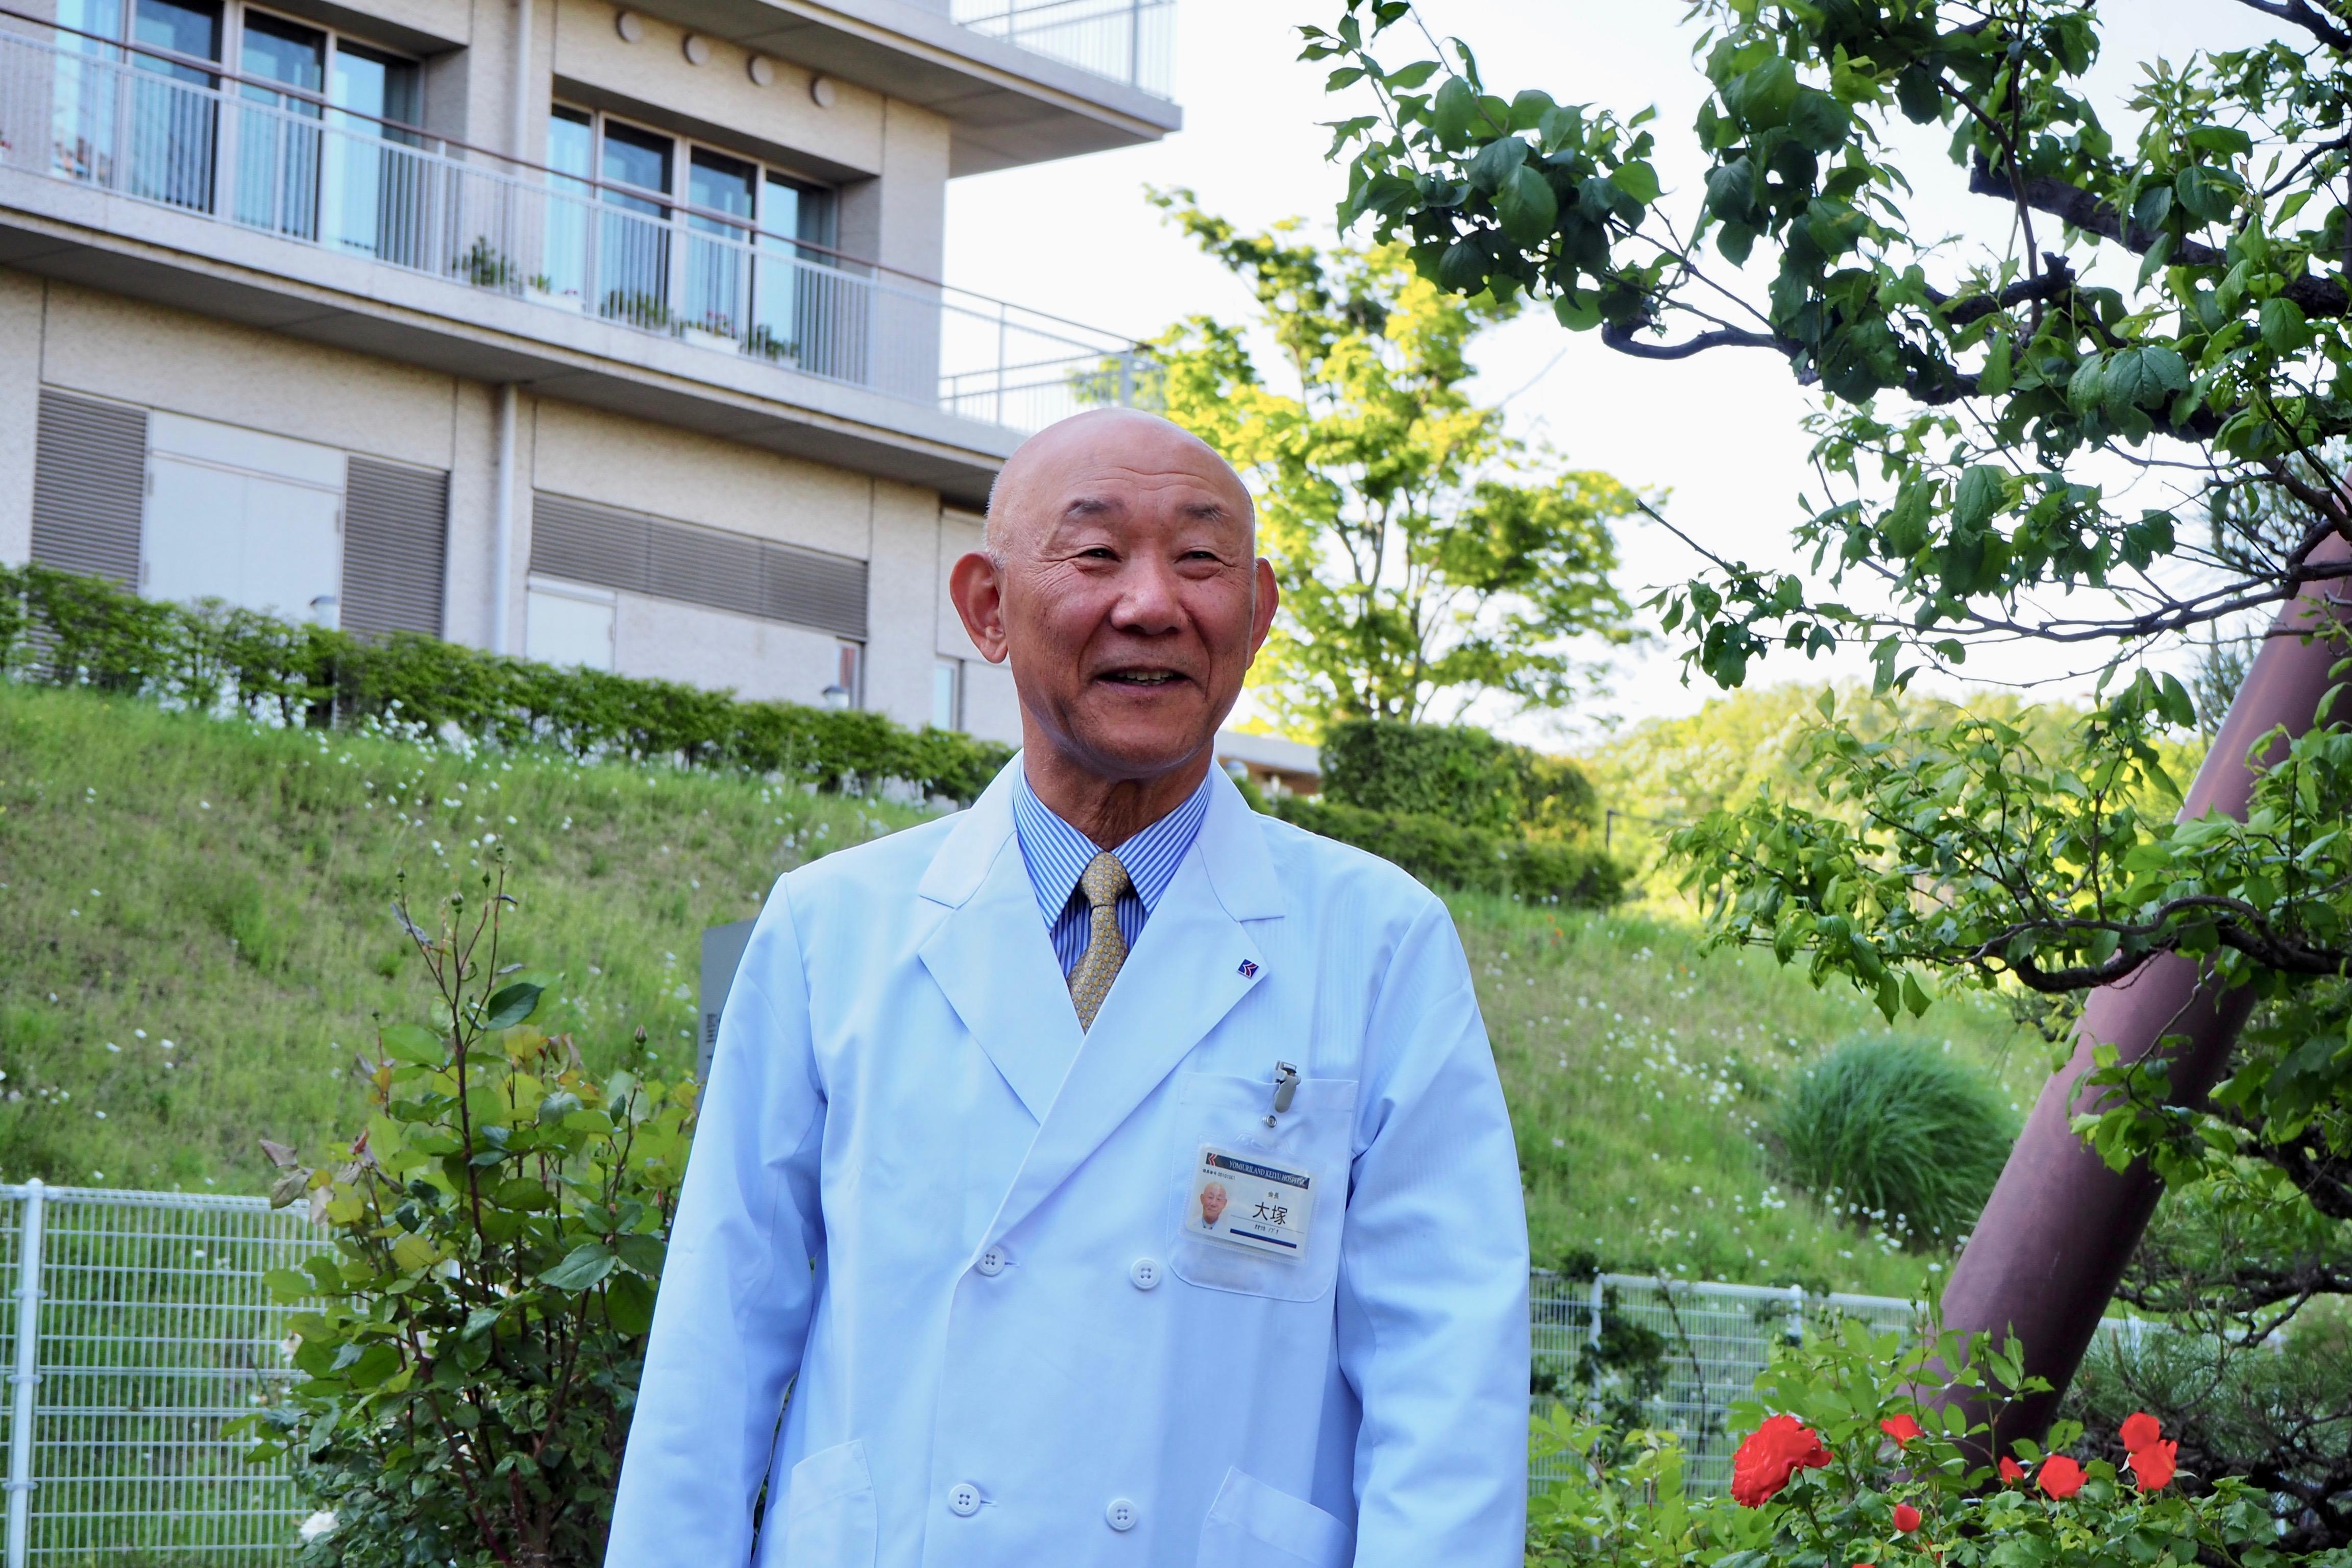 親を安心して預けられる病院をつくりたい−大塚宣夫先生の思いとあゆみ